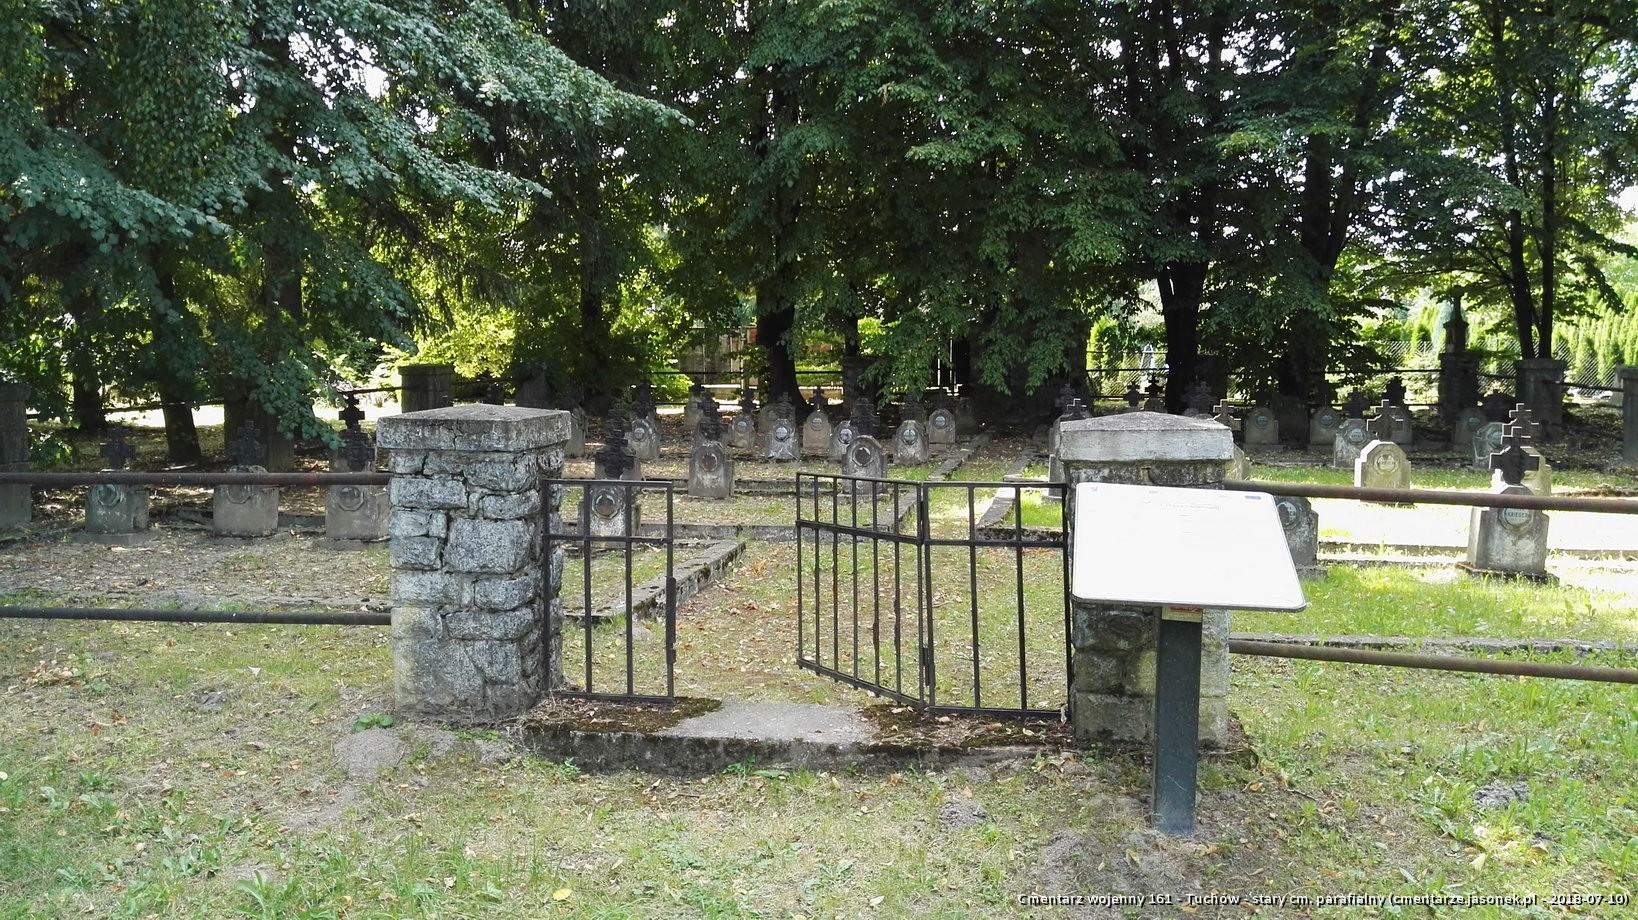 Cmentarz wojenny 161 - Tuchów - stary cm. parafialny